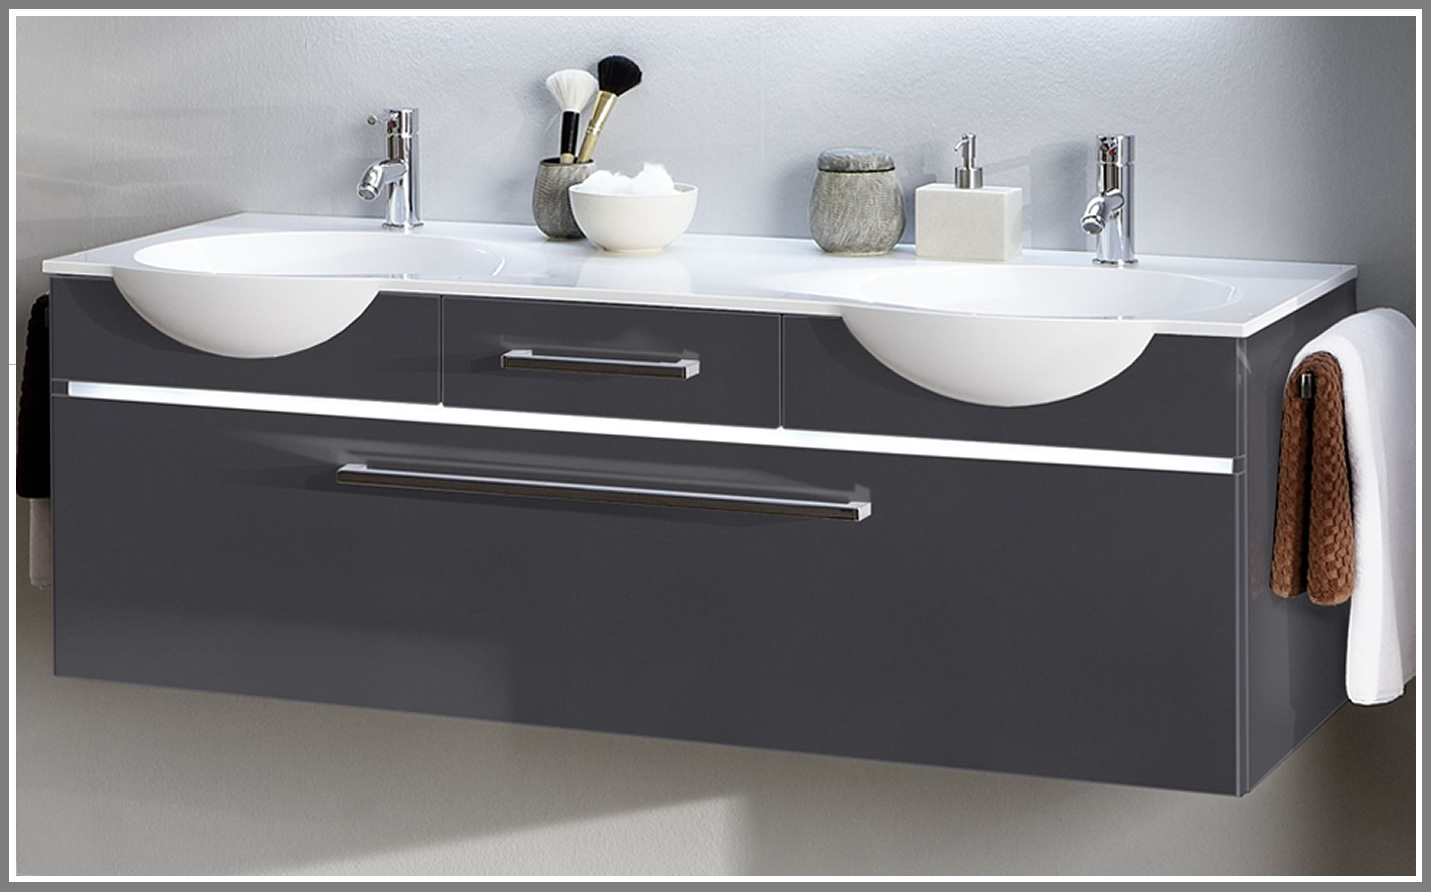 Waschtischunterschrank-Titelbild